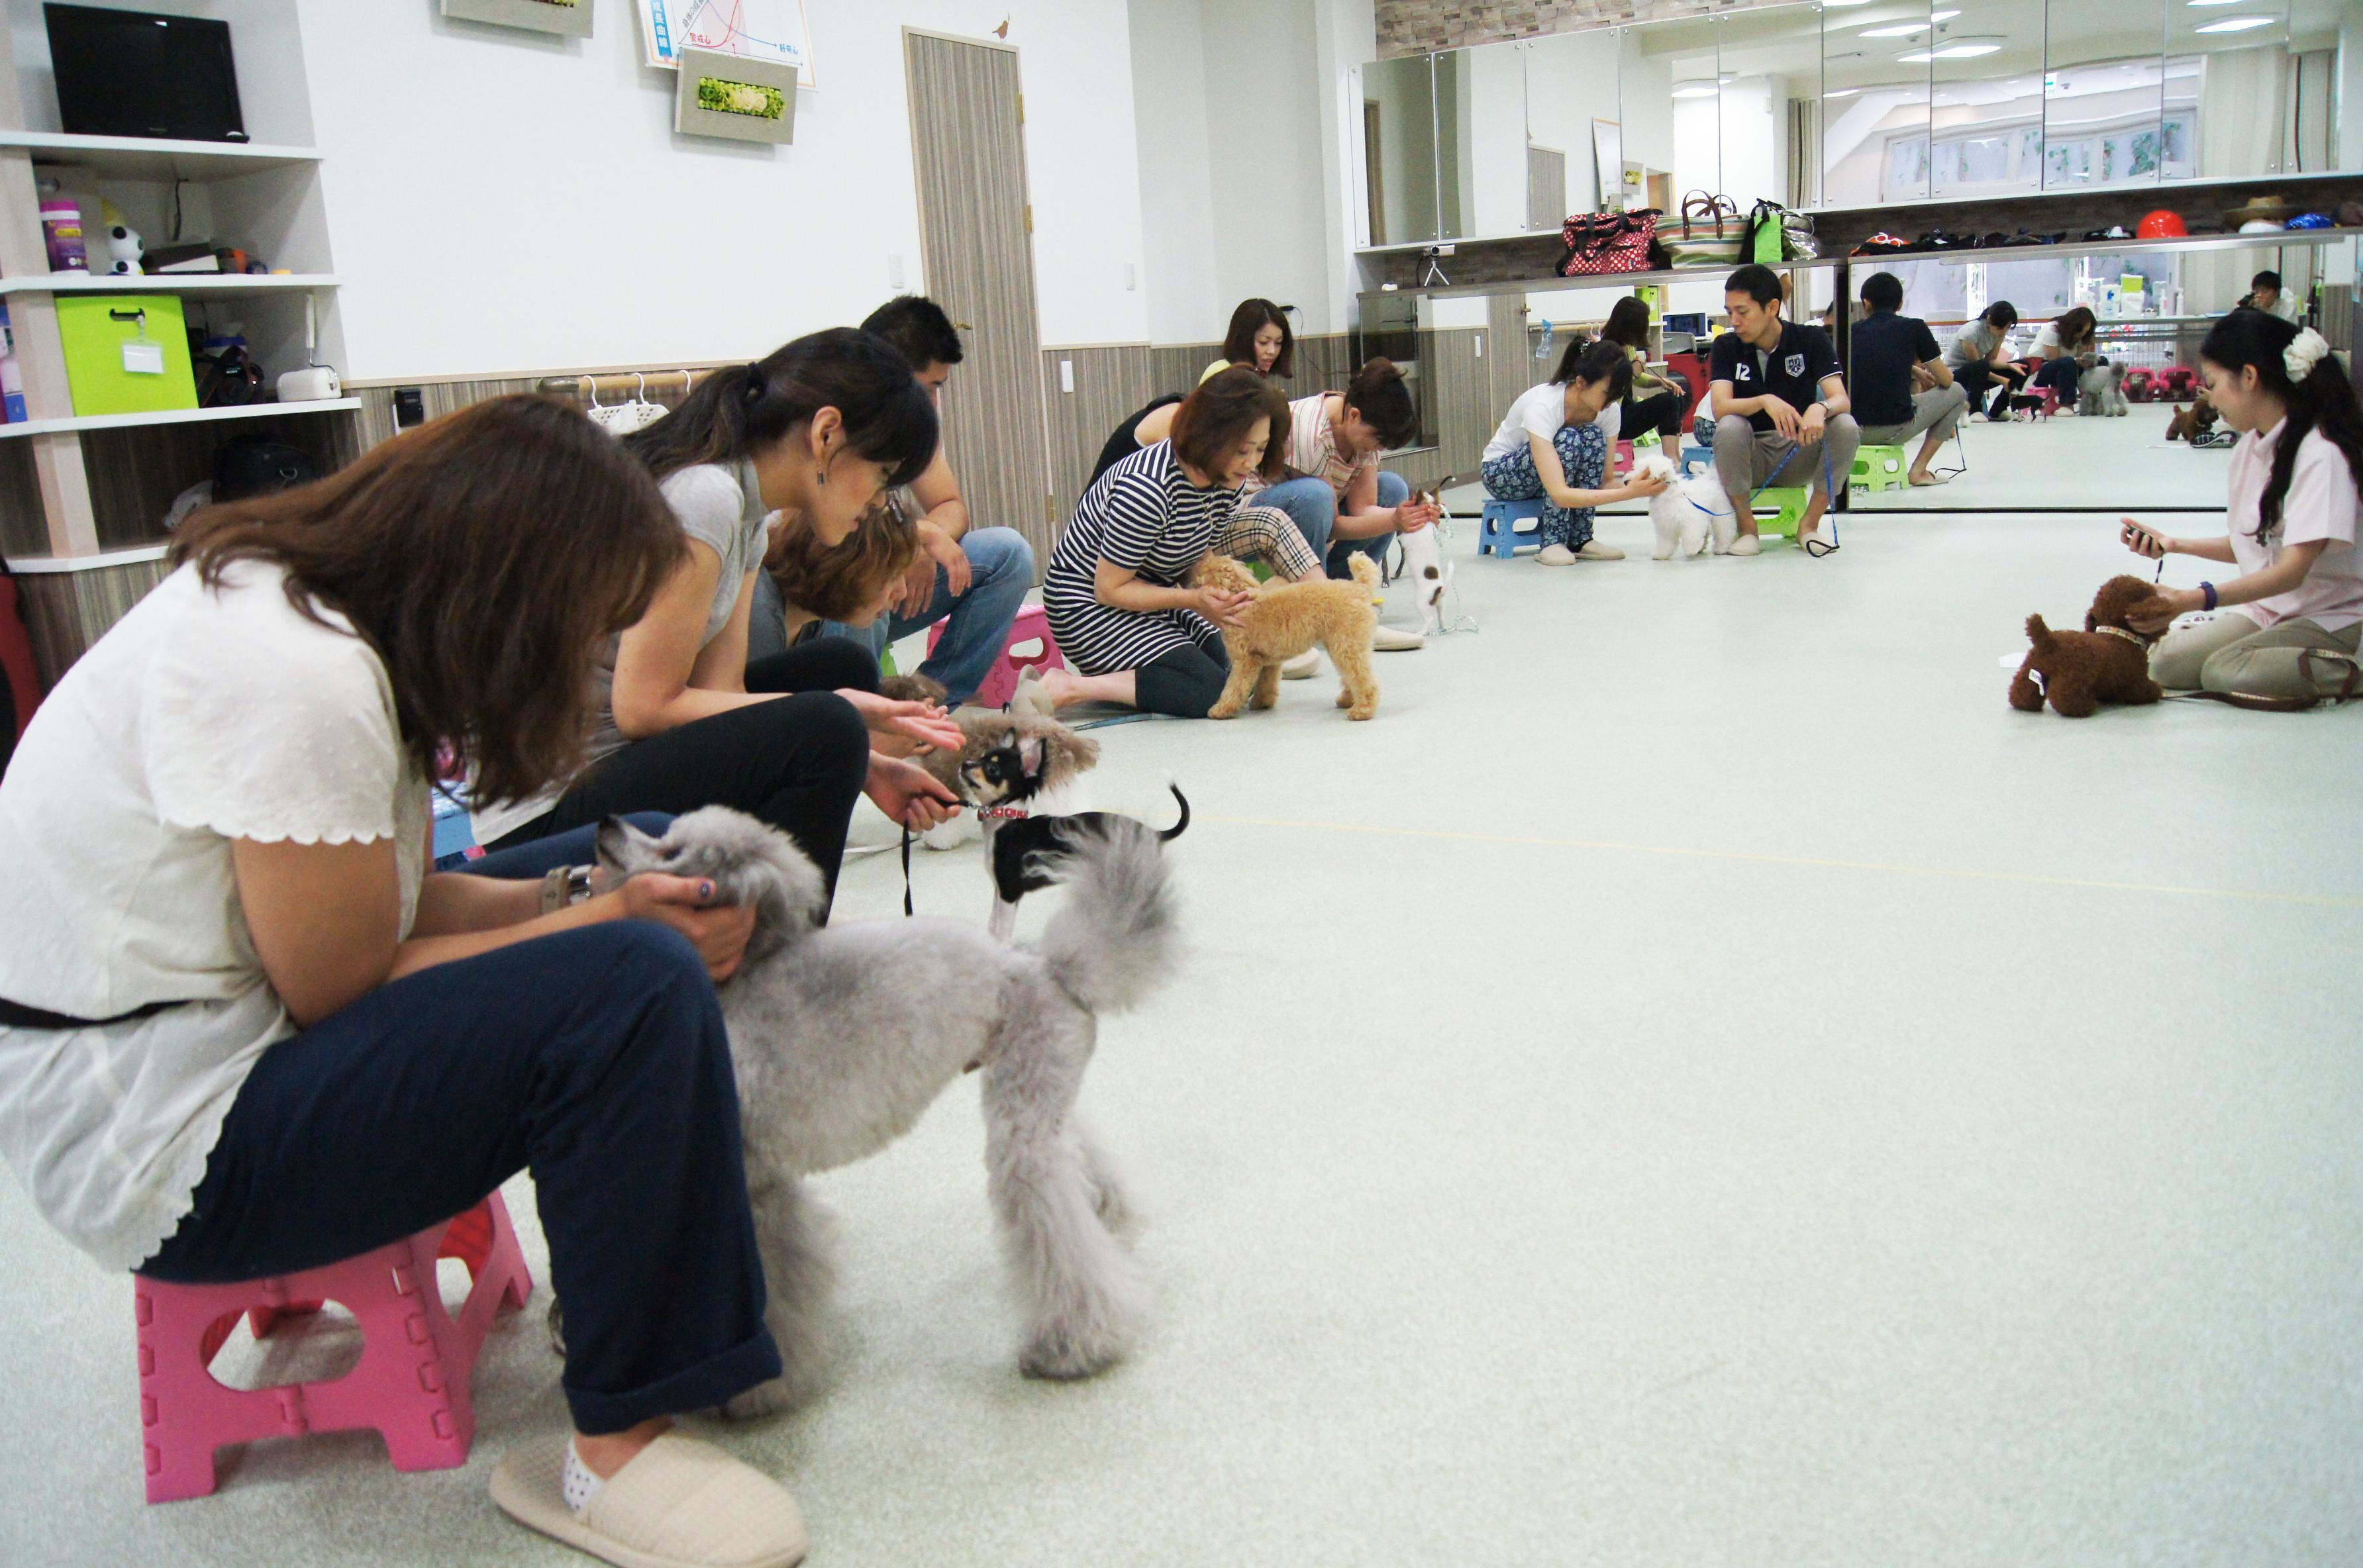 日曜日には飼い主のグループレッスンがあり、イントラ技術も学べます。正社員は日曜出社が多くなります